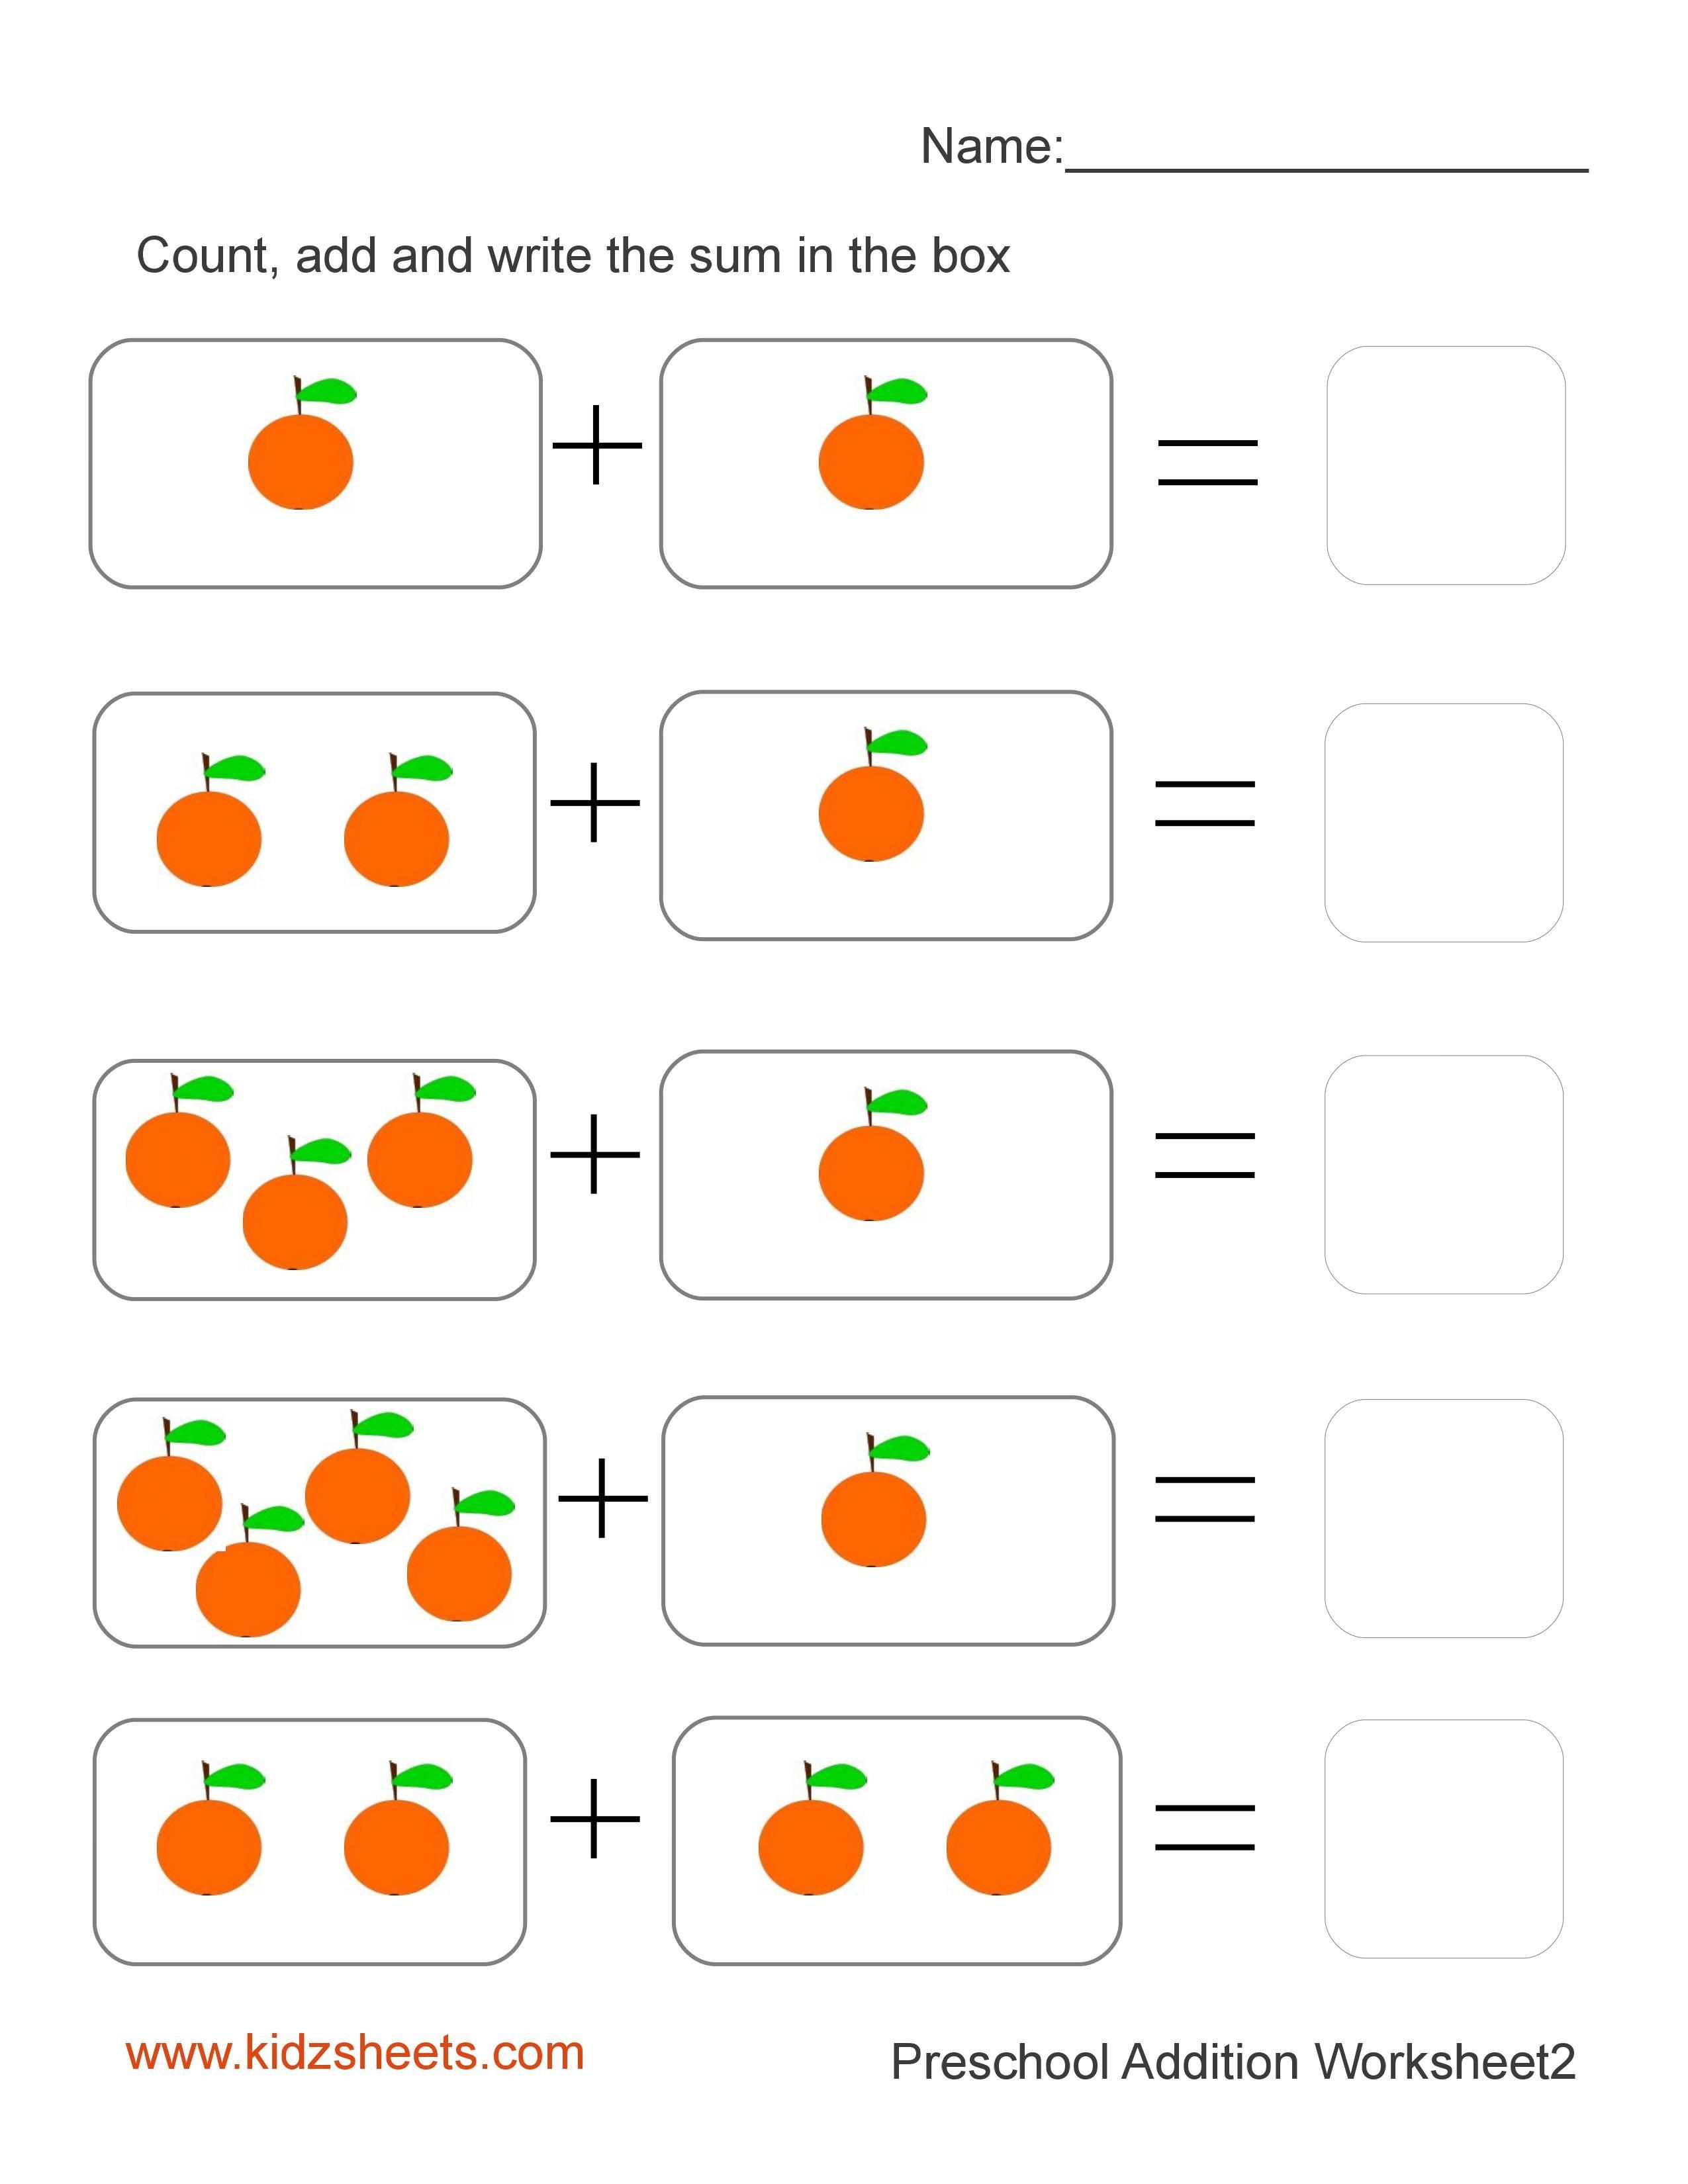 Fresh Math Worksheet Kg1 – Enterjapan - Free Printable Worksheets For Kg1